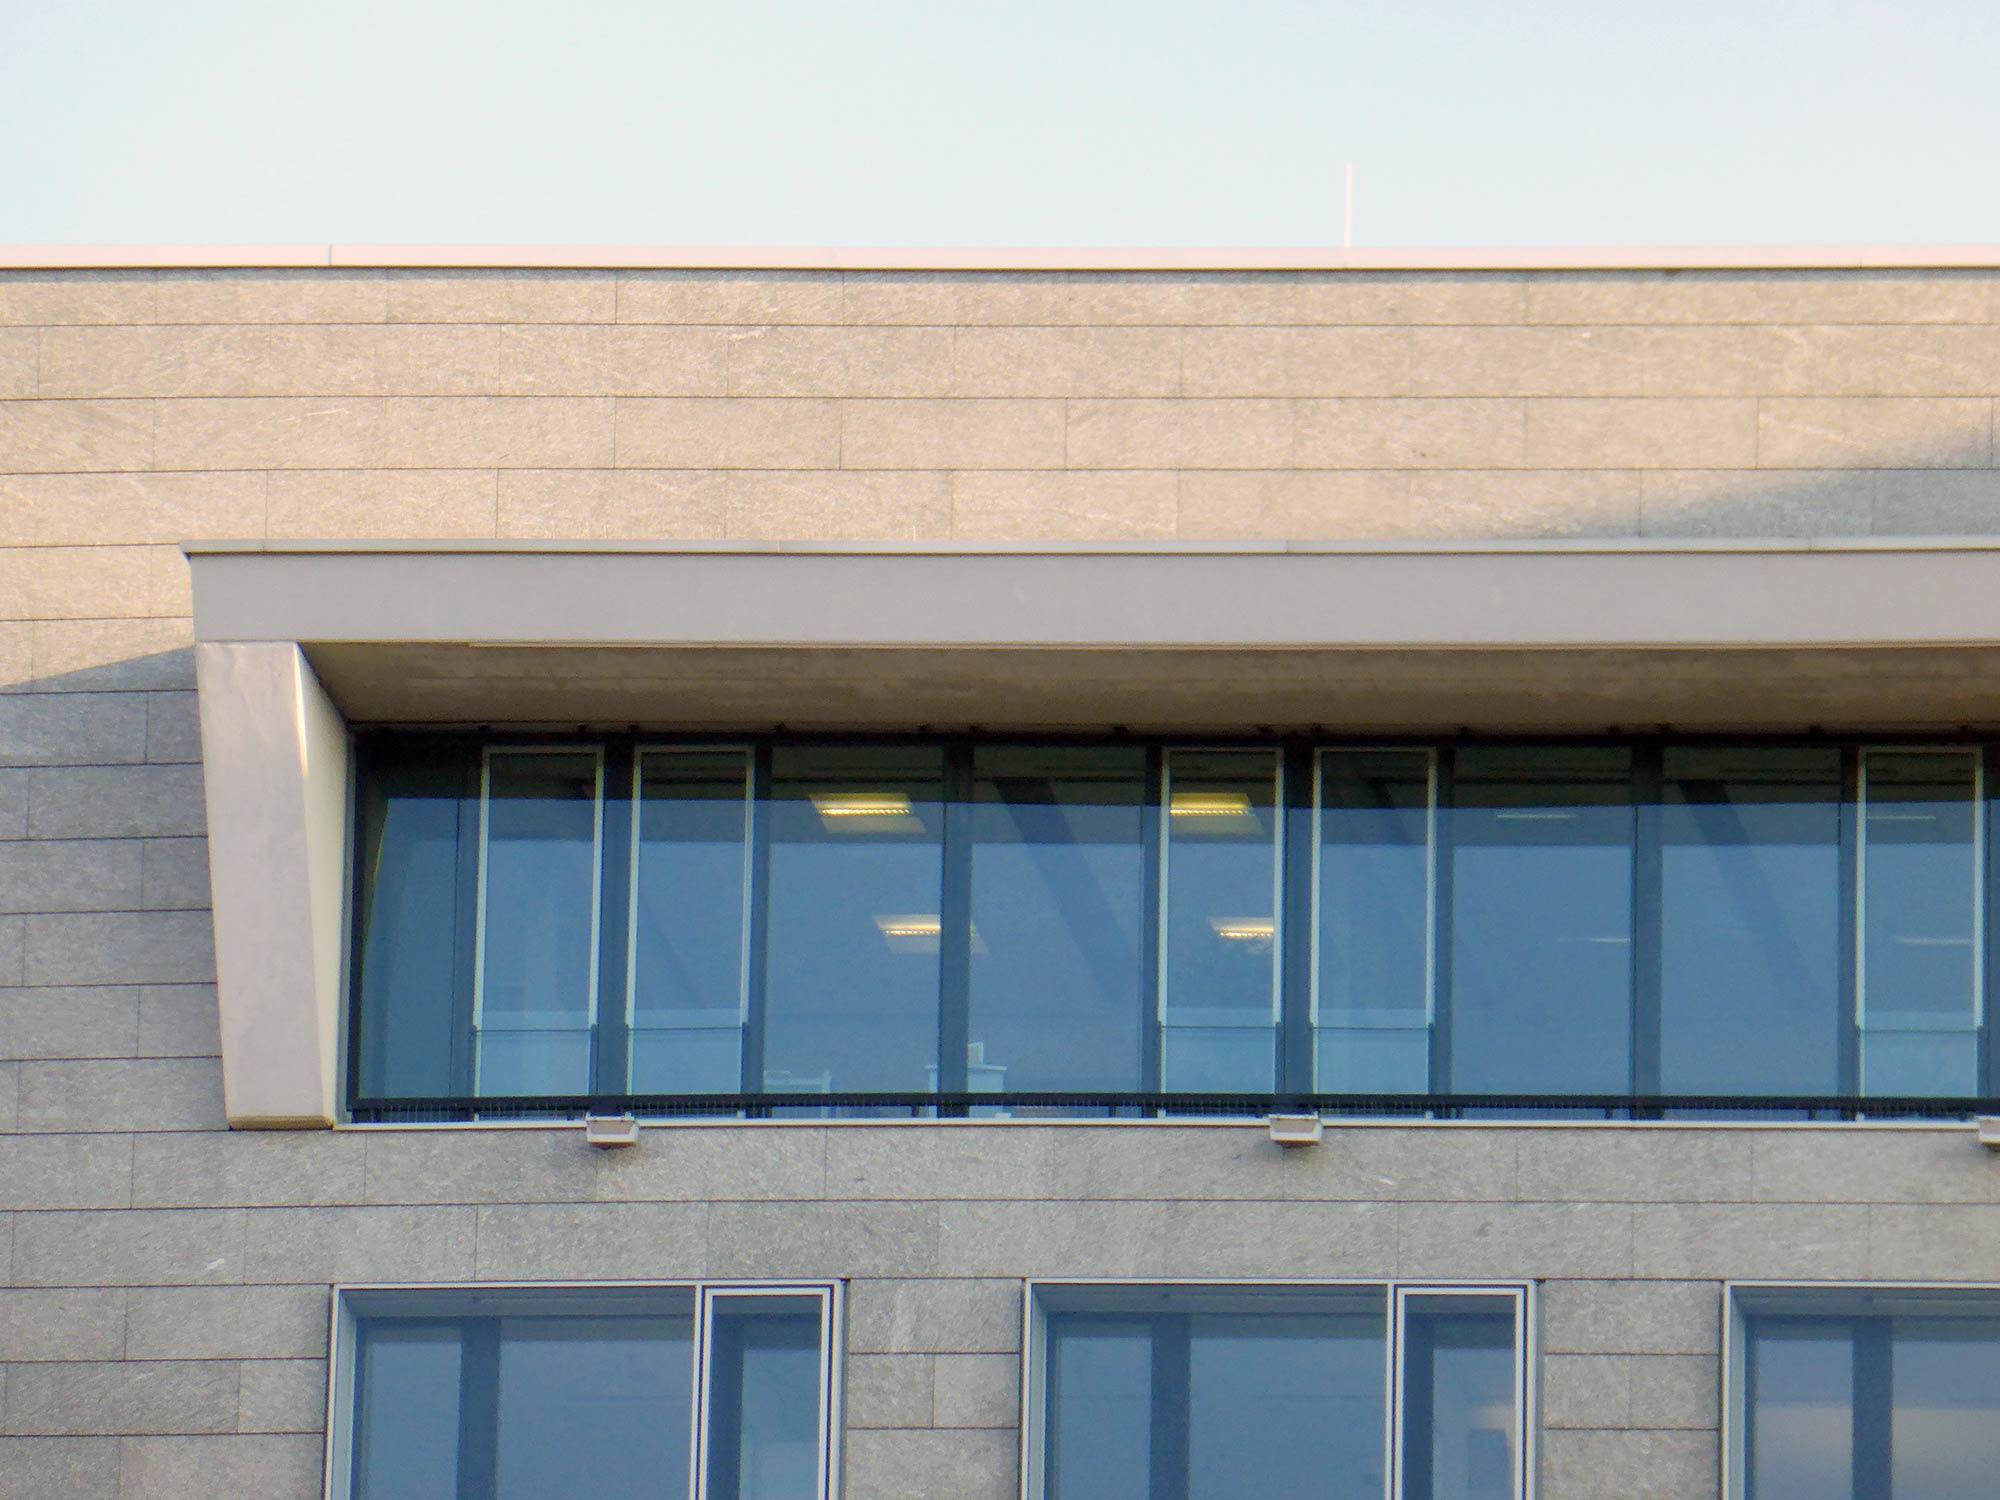 Frankfurt Scala West Hochhaus - Moderne Architektur - Bürohochhaus A 661